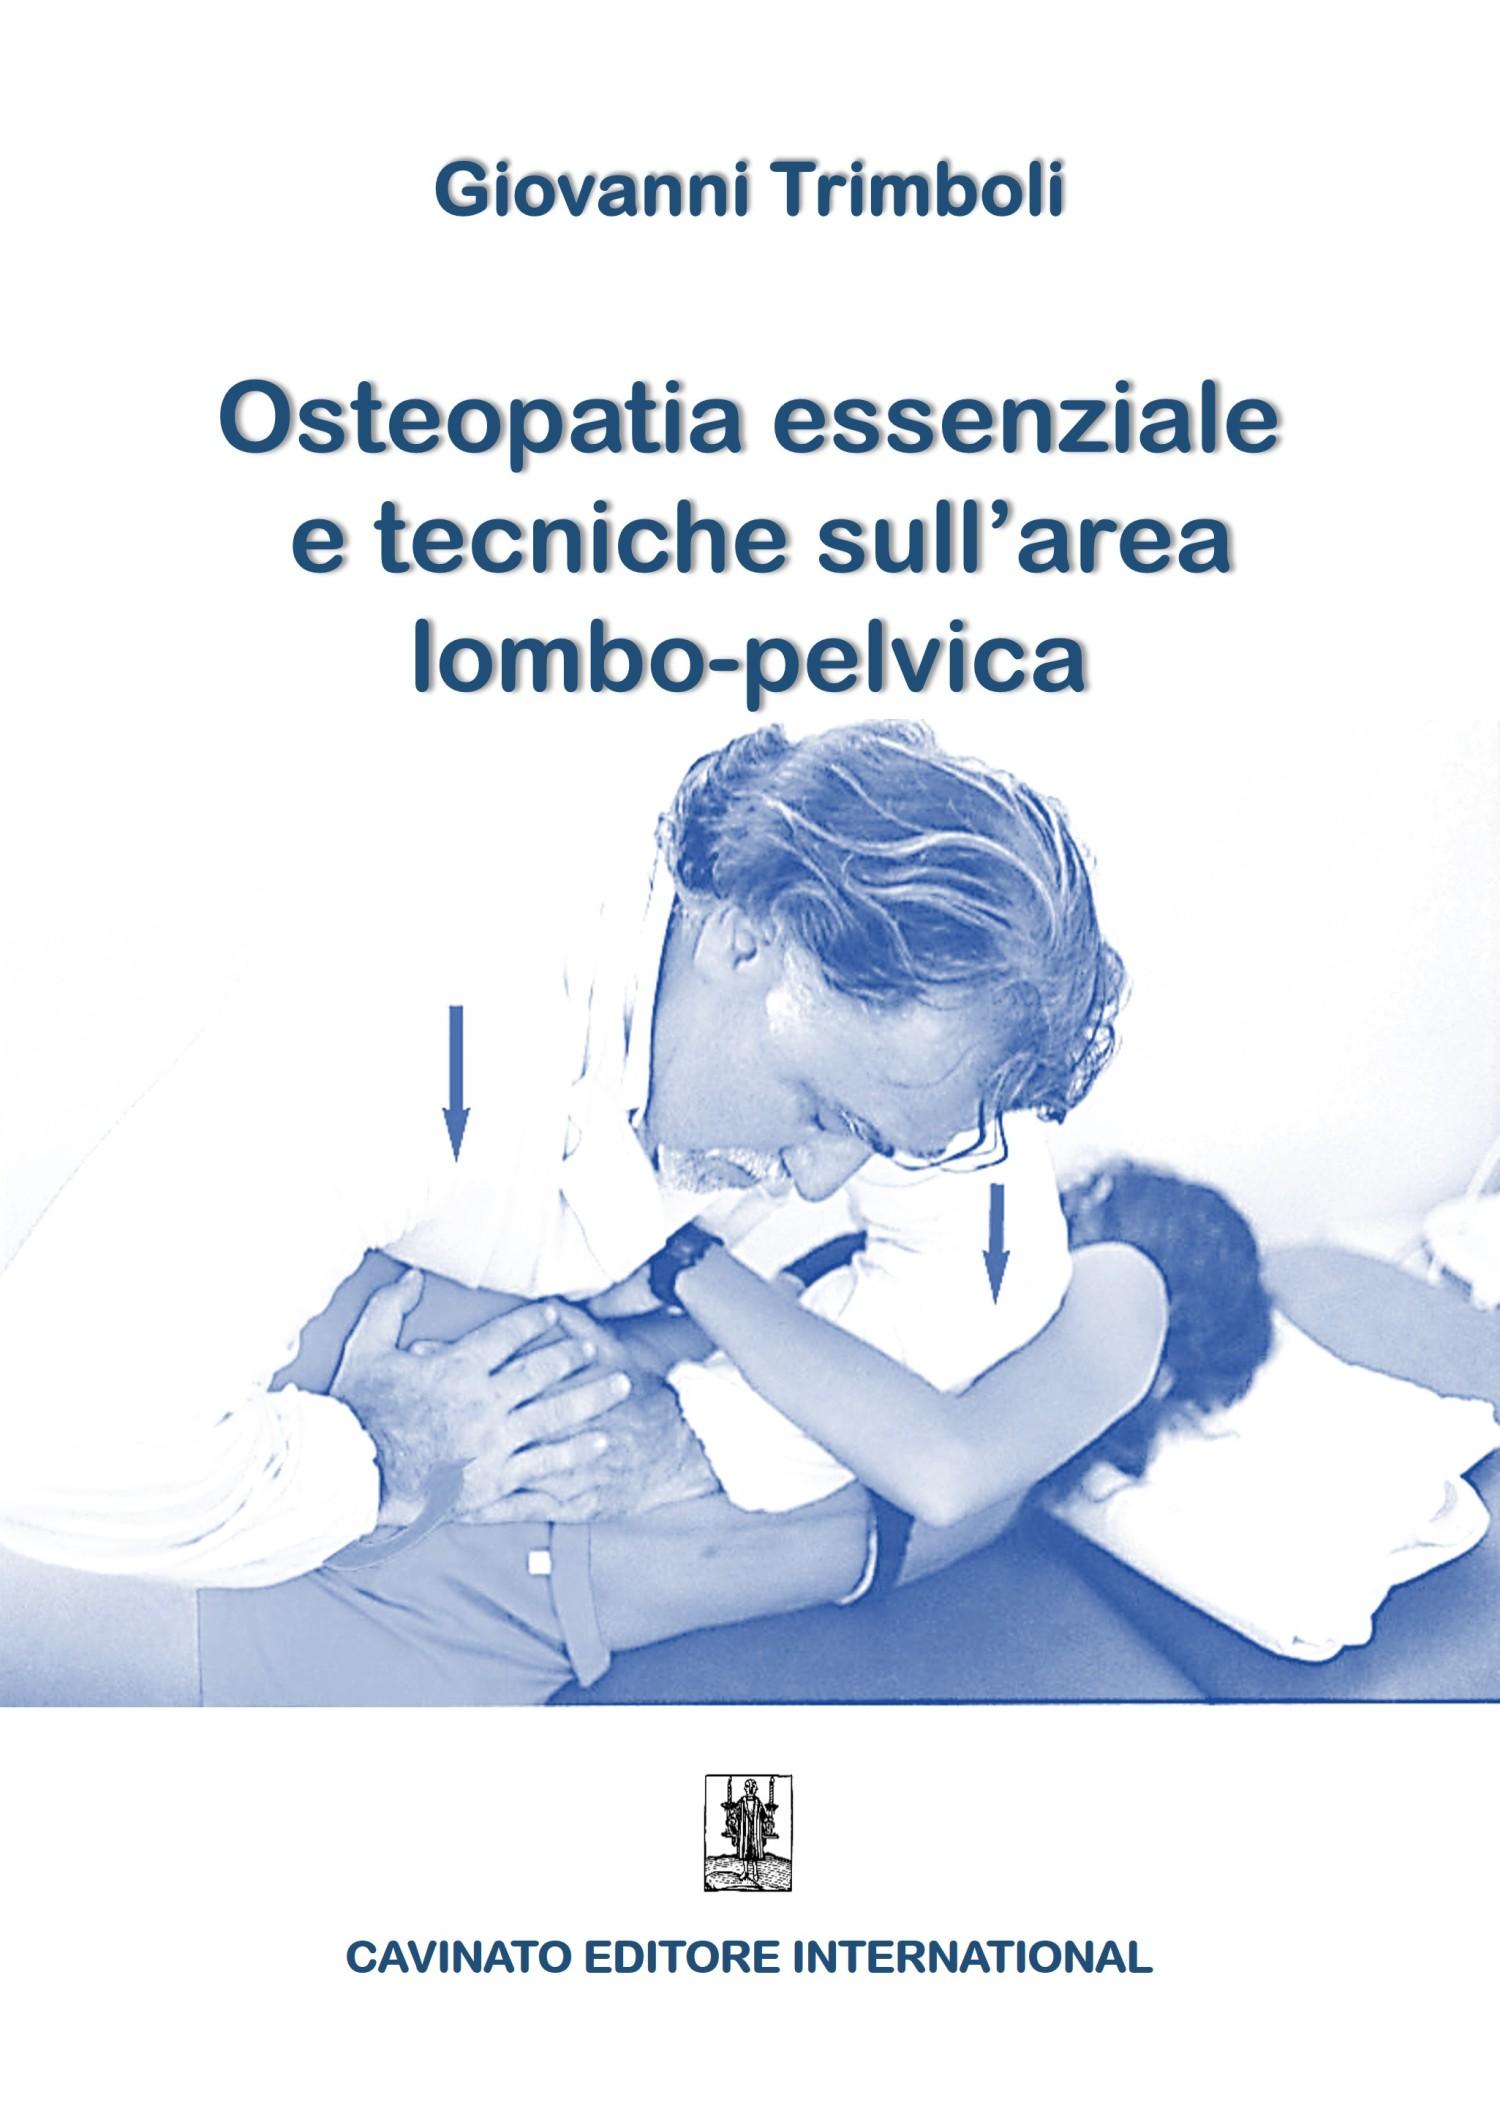 OSTEOPATIA ESSENZIALE E TECNICHE SULL'AREA LOMBO-PELVICA